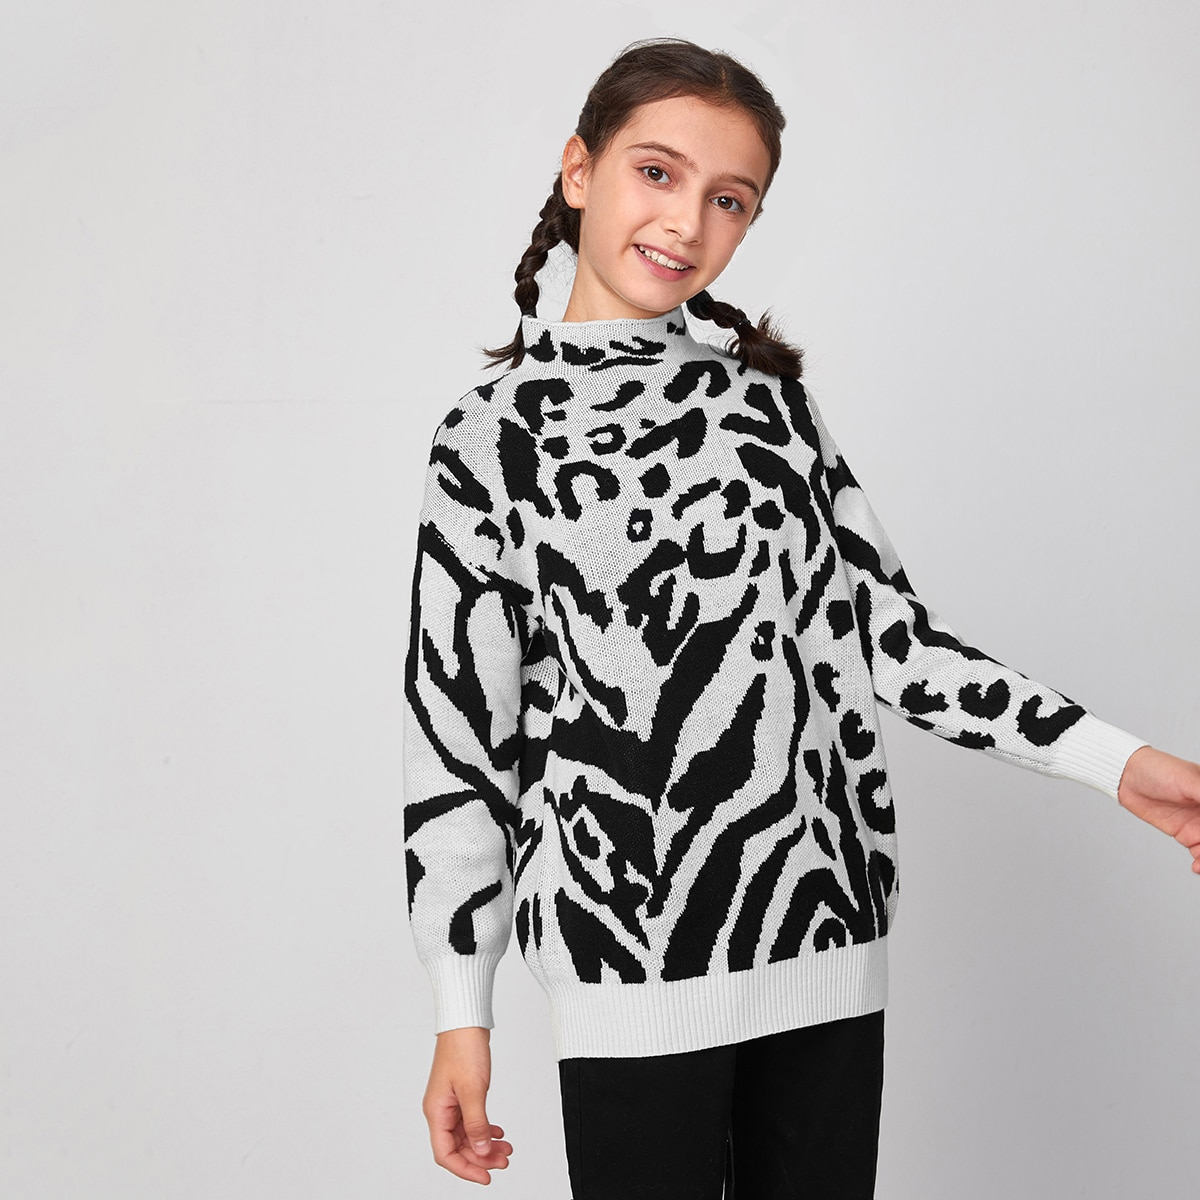 зебра-полосатый принт Повседневный Свитера для девочек